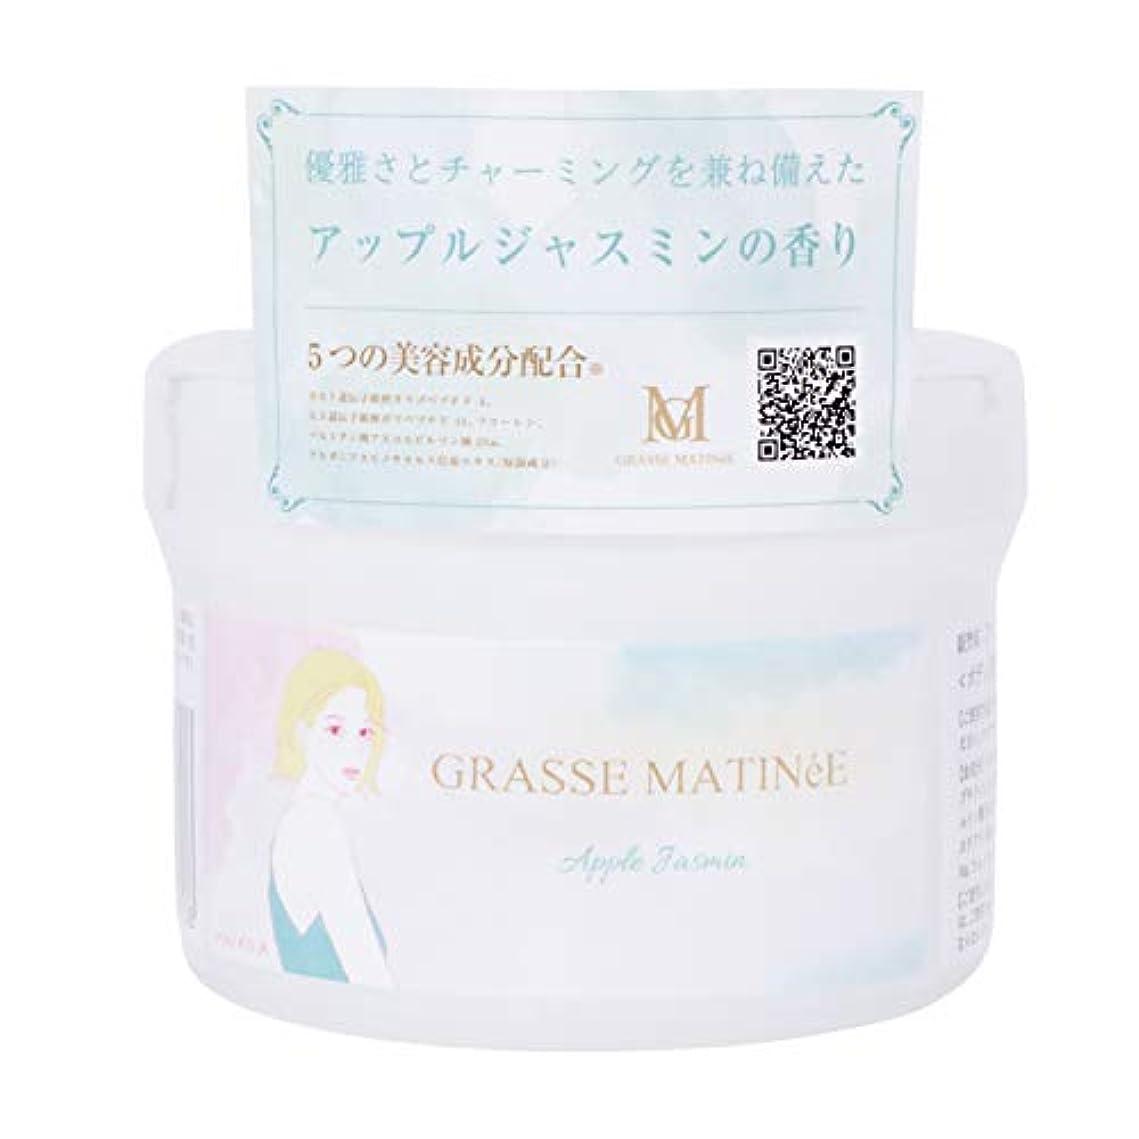 千熱意マナーグラスマティネ フレグランス ボディスクラブ アップルジャスミンの香り シュガータイプ